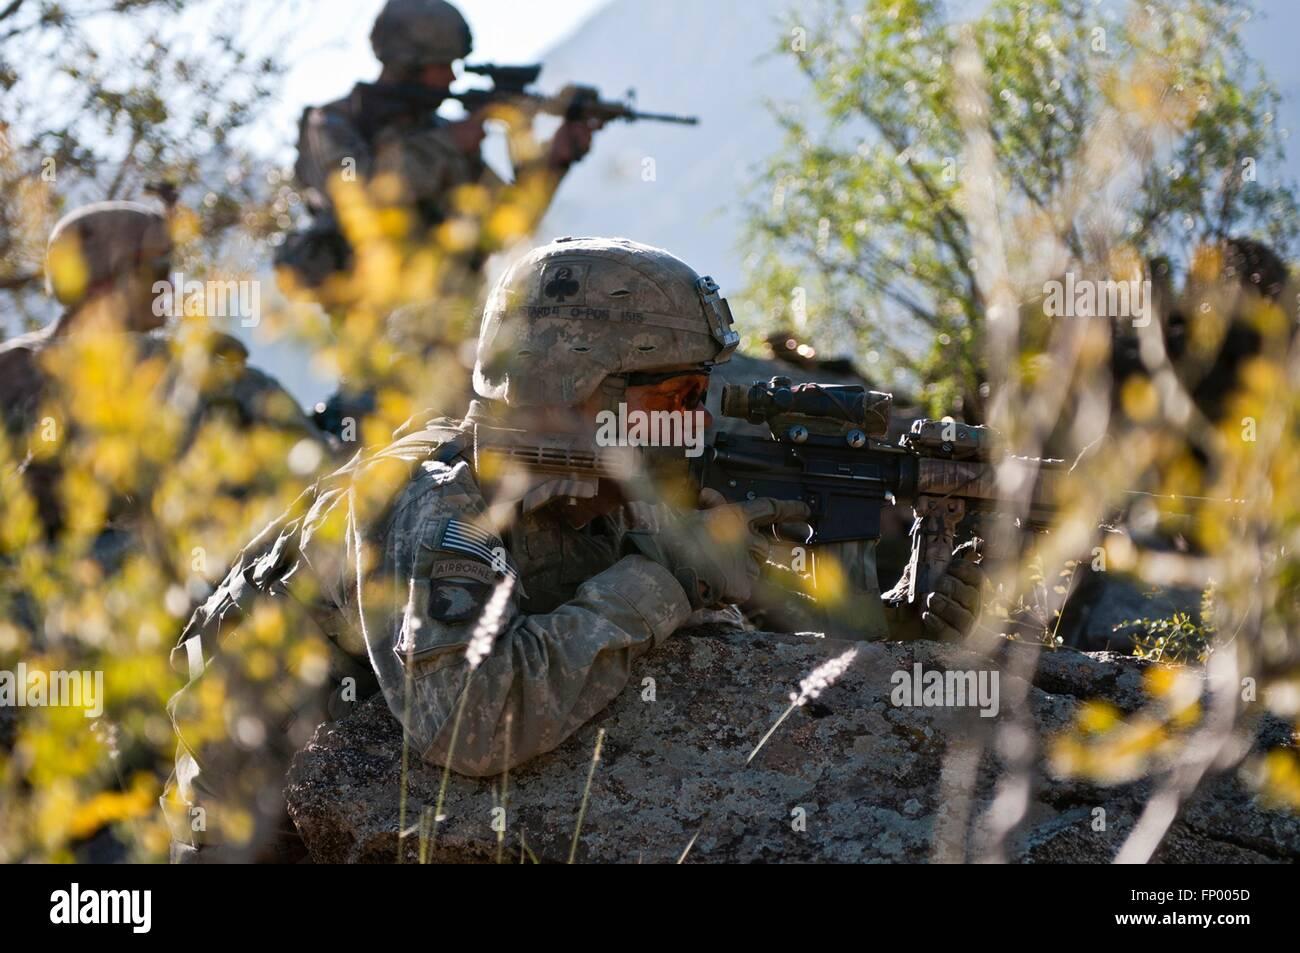 Soldados de infantería del ejército de EE.UU. vea una línea de cresta de la actividad de los talibanes durante una operación el 9 de noviembre de 2010, en la colina de Shal Valle, provincia de Nuristan, Afganistán. Foto de stock